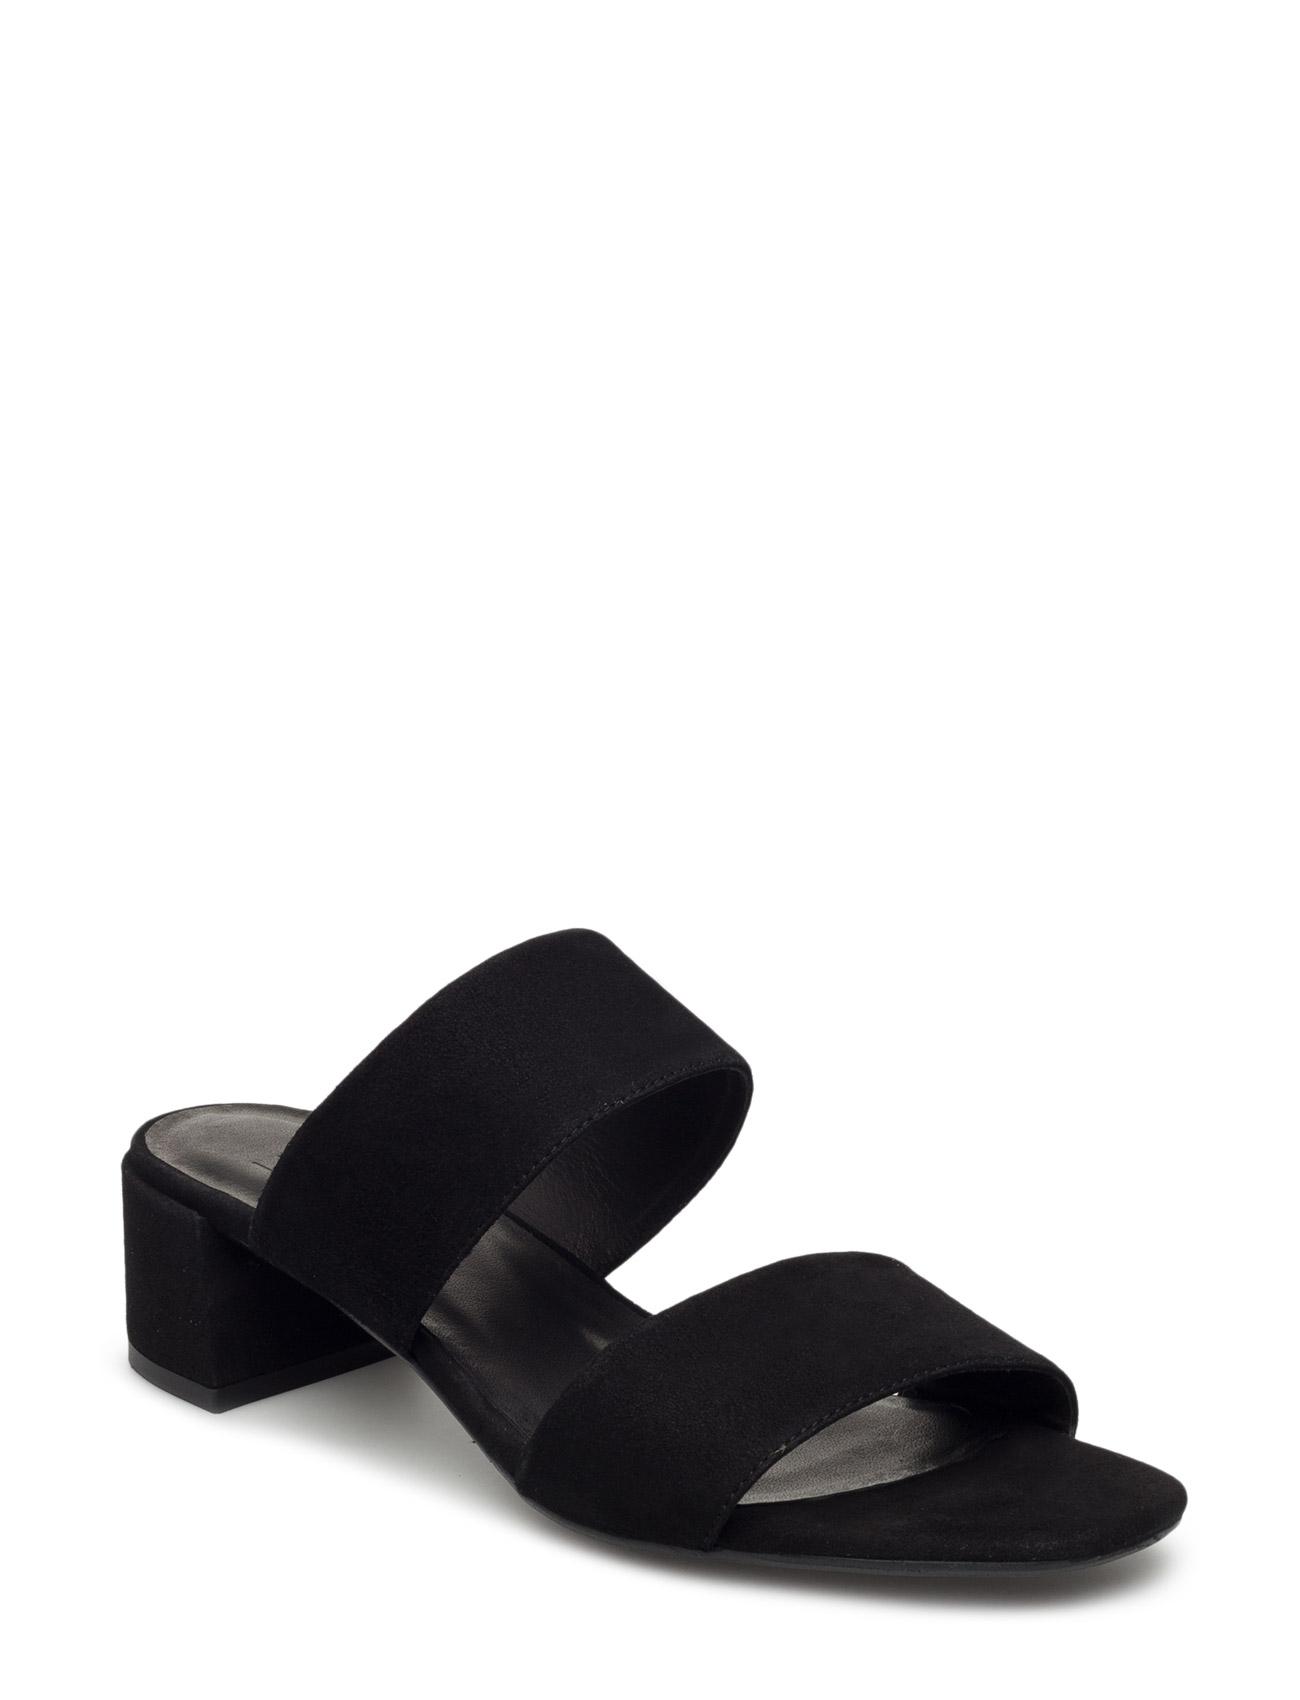 Sandals Billi Bi Sandaler til Kvinder i